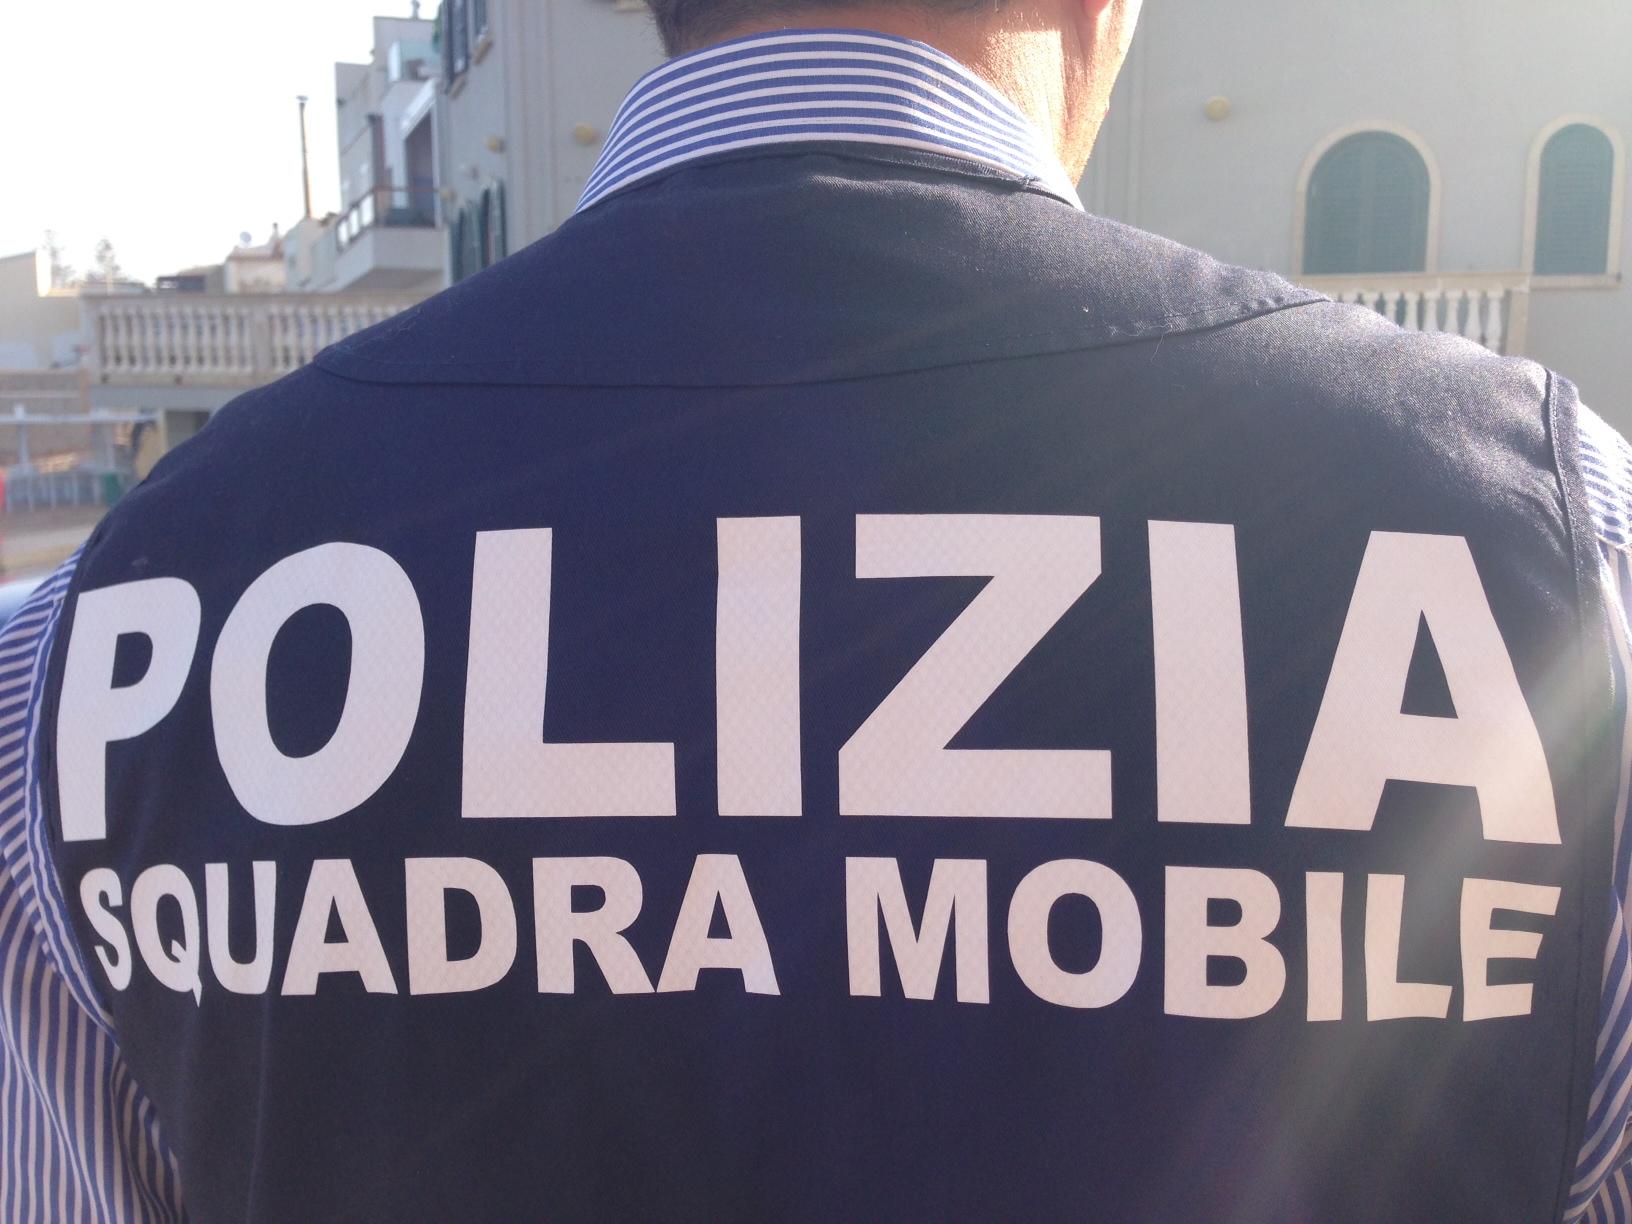 Droga e banda armata 19 arresti nel catanese – in aggiornamento